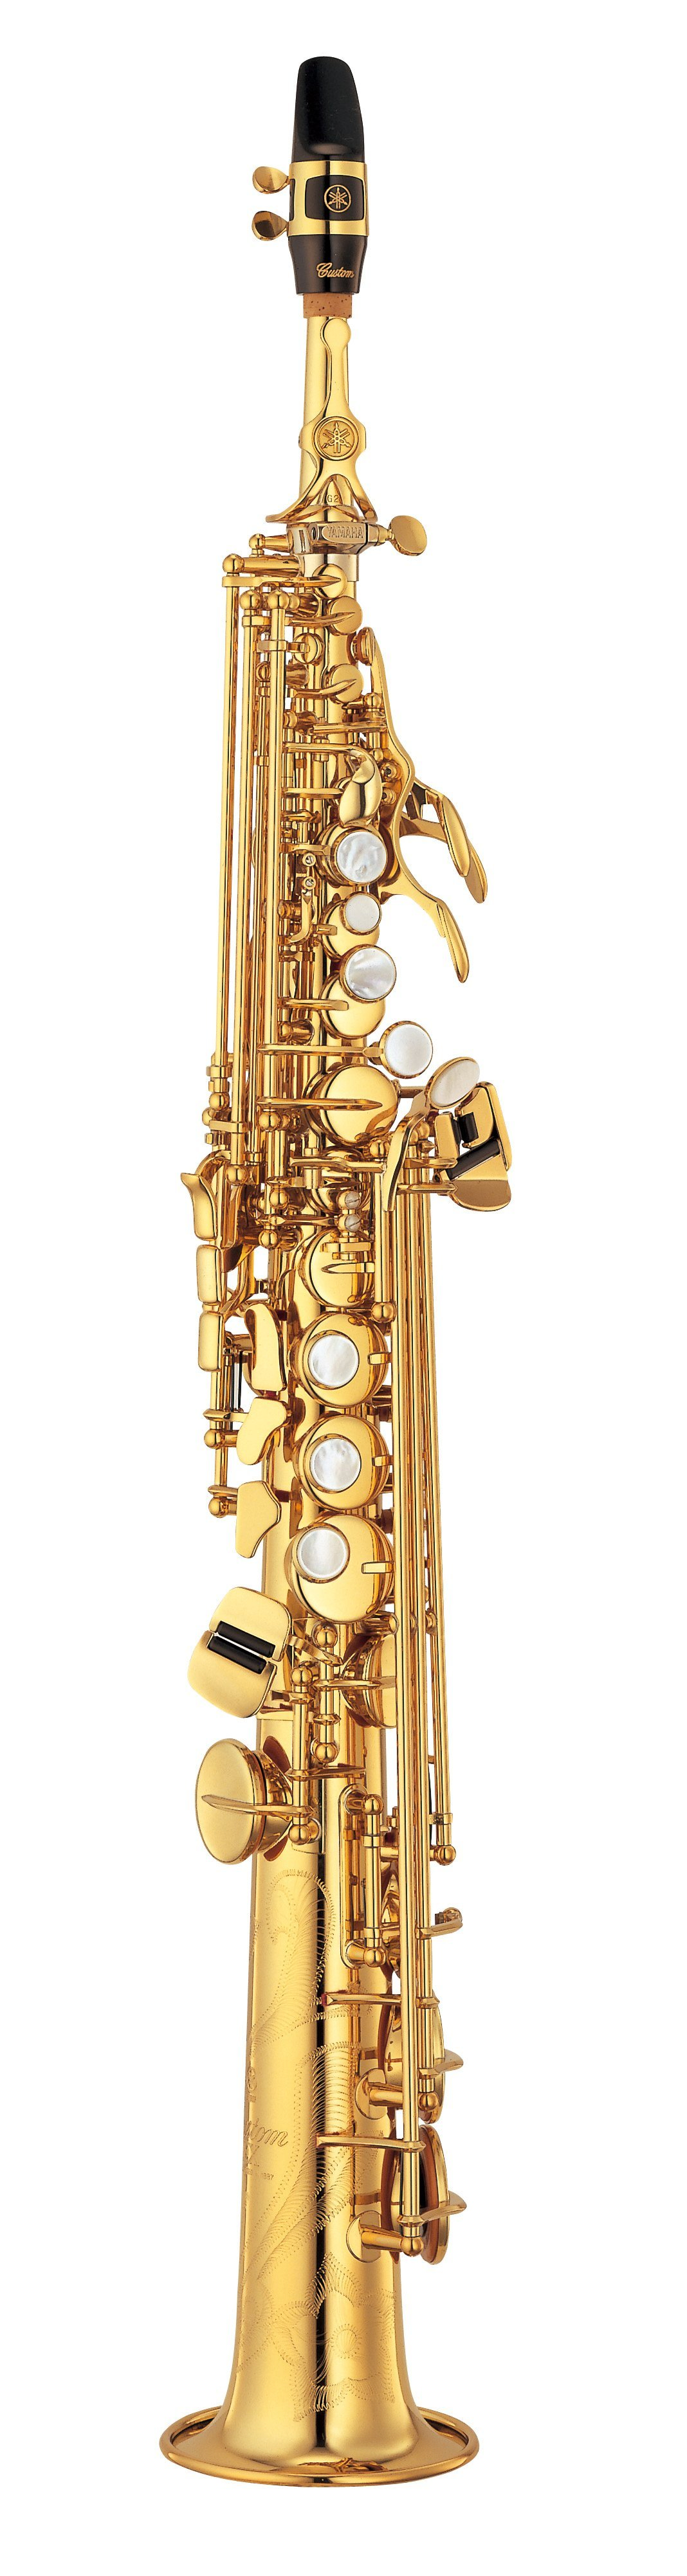 Yamaha - YSS - 875 - EXHG - gerade - Holzblasinstrumente - Saxophone | MUSIK BERTRAM Deutschland Freiburg